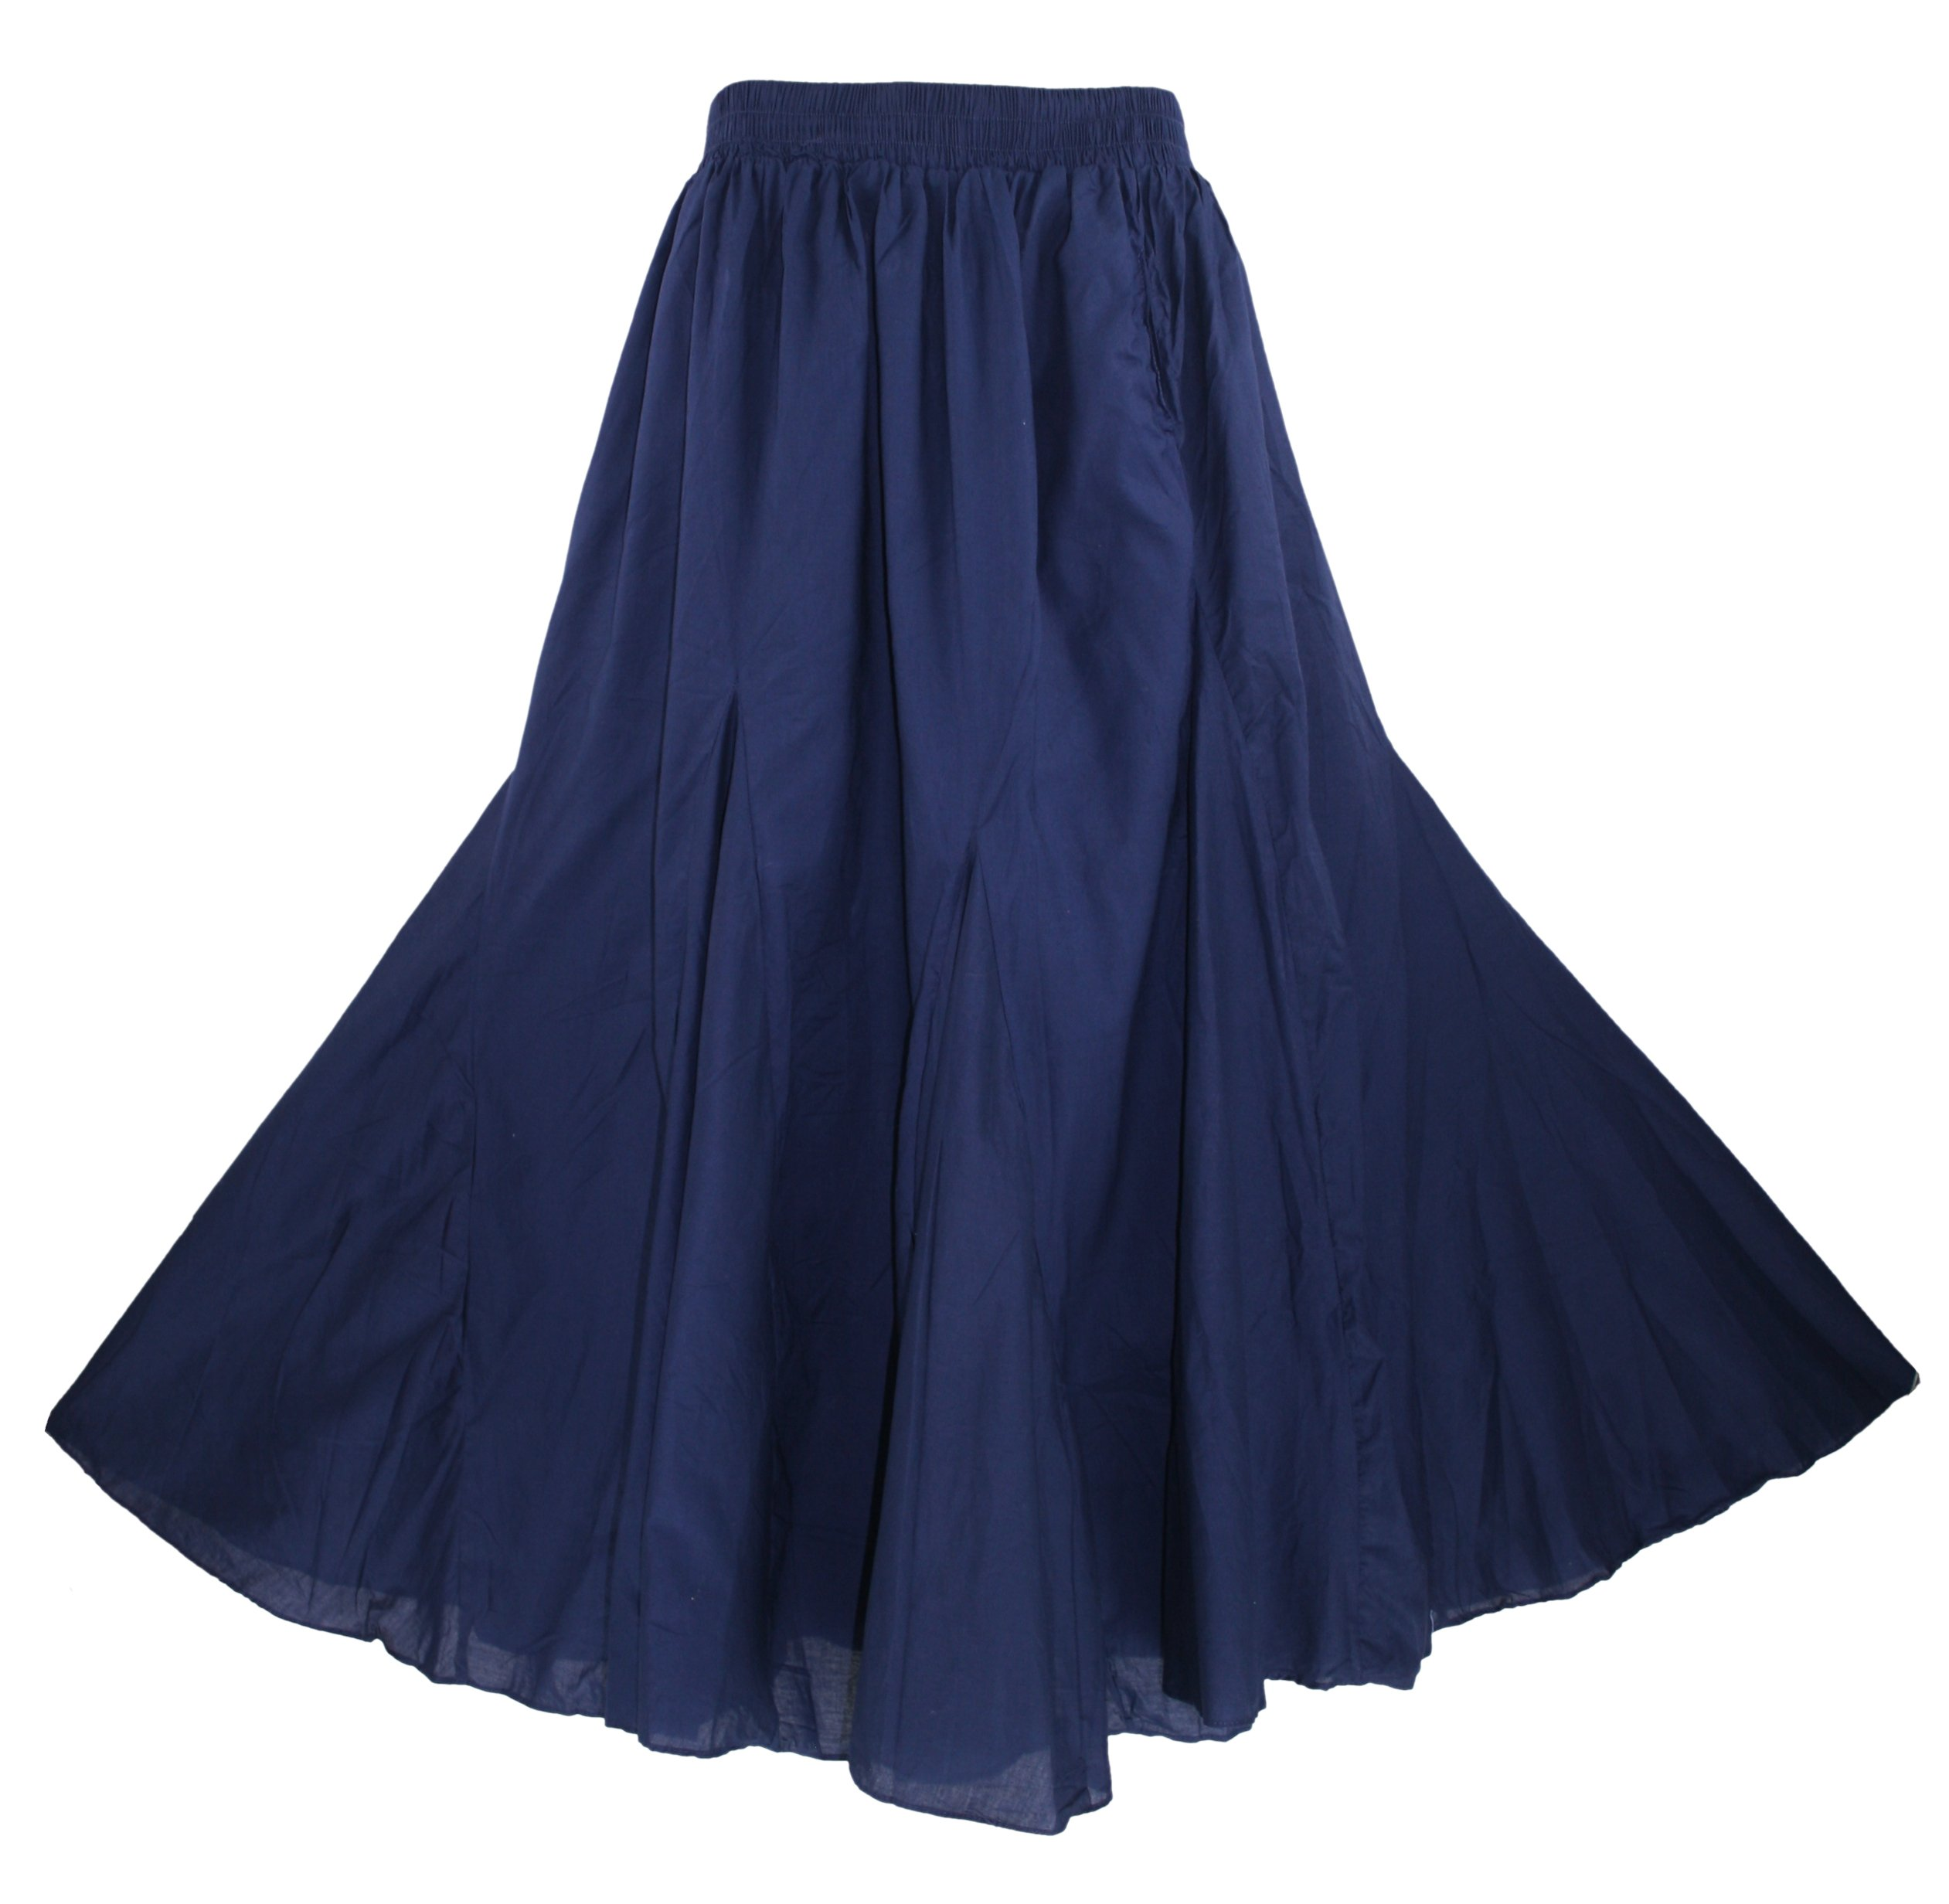 Beautybatik Navy Blue Cotton Boho Gypsy Long Maxi Godet Flare Skirt 3X